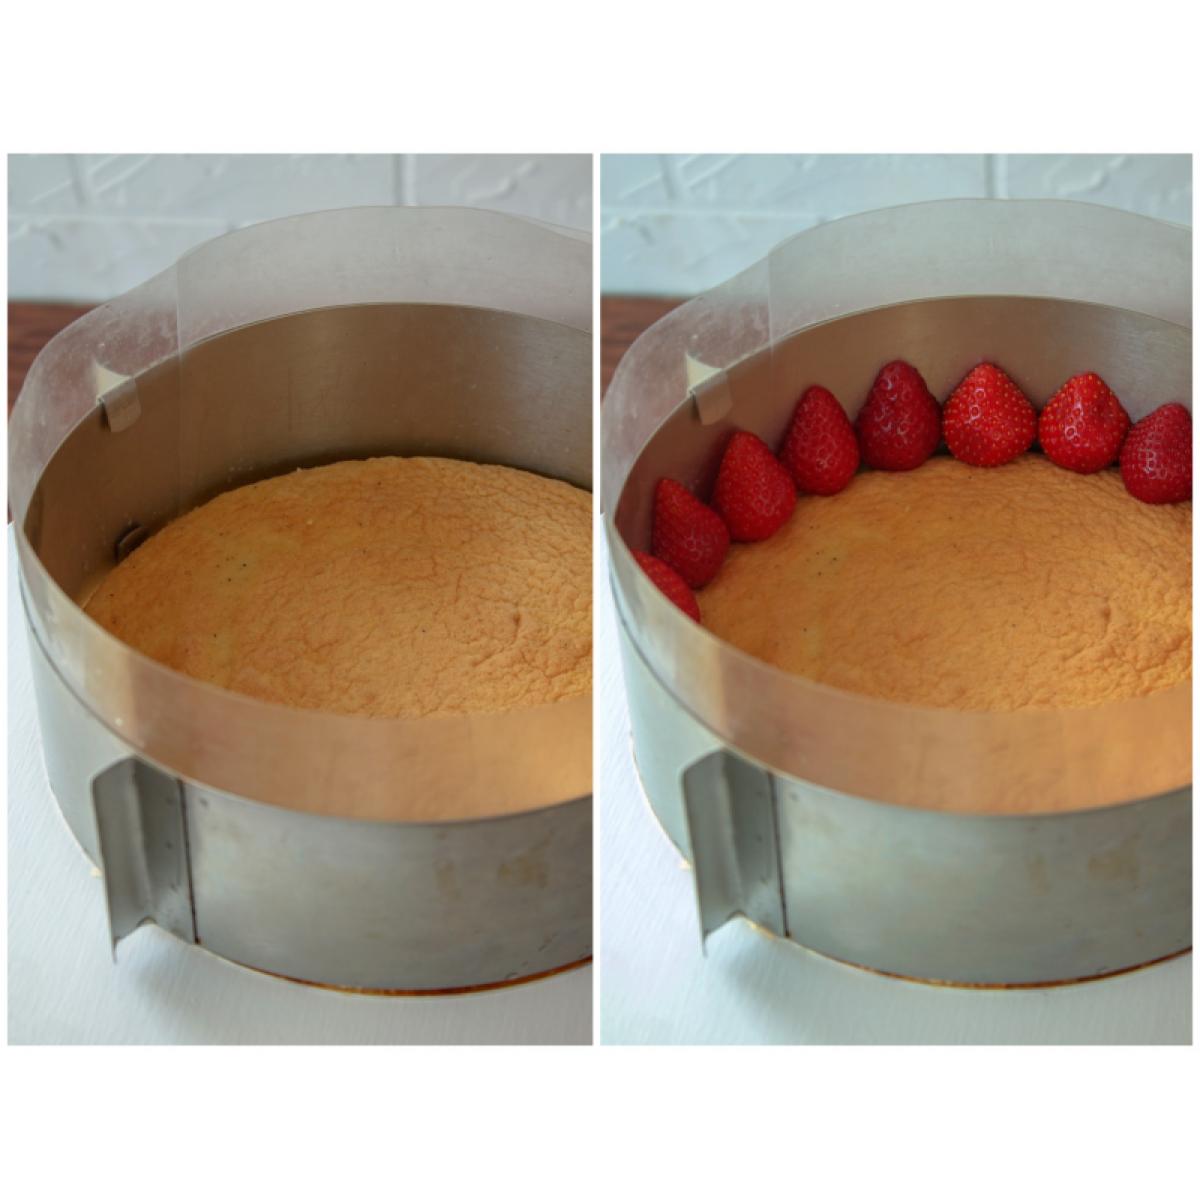 ацетатная пленка для торта где купить